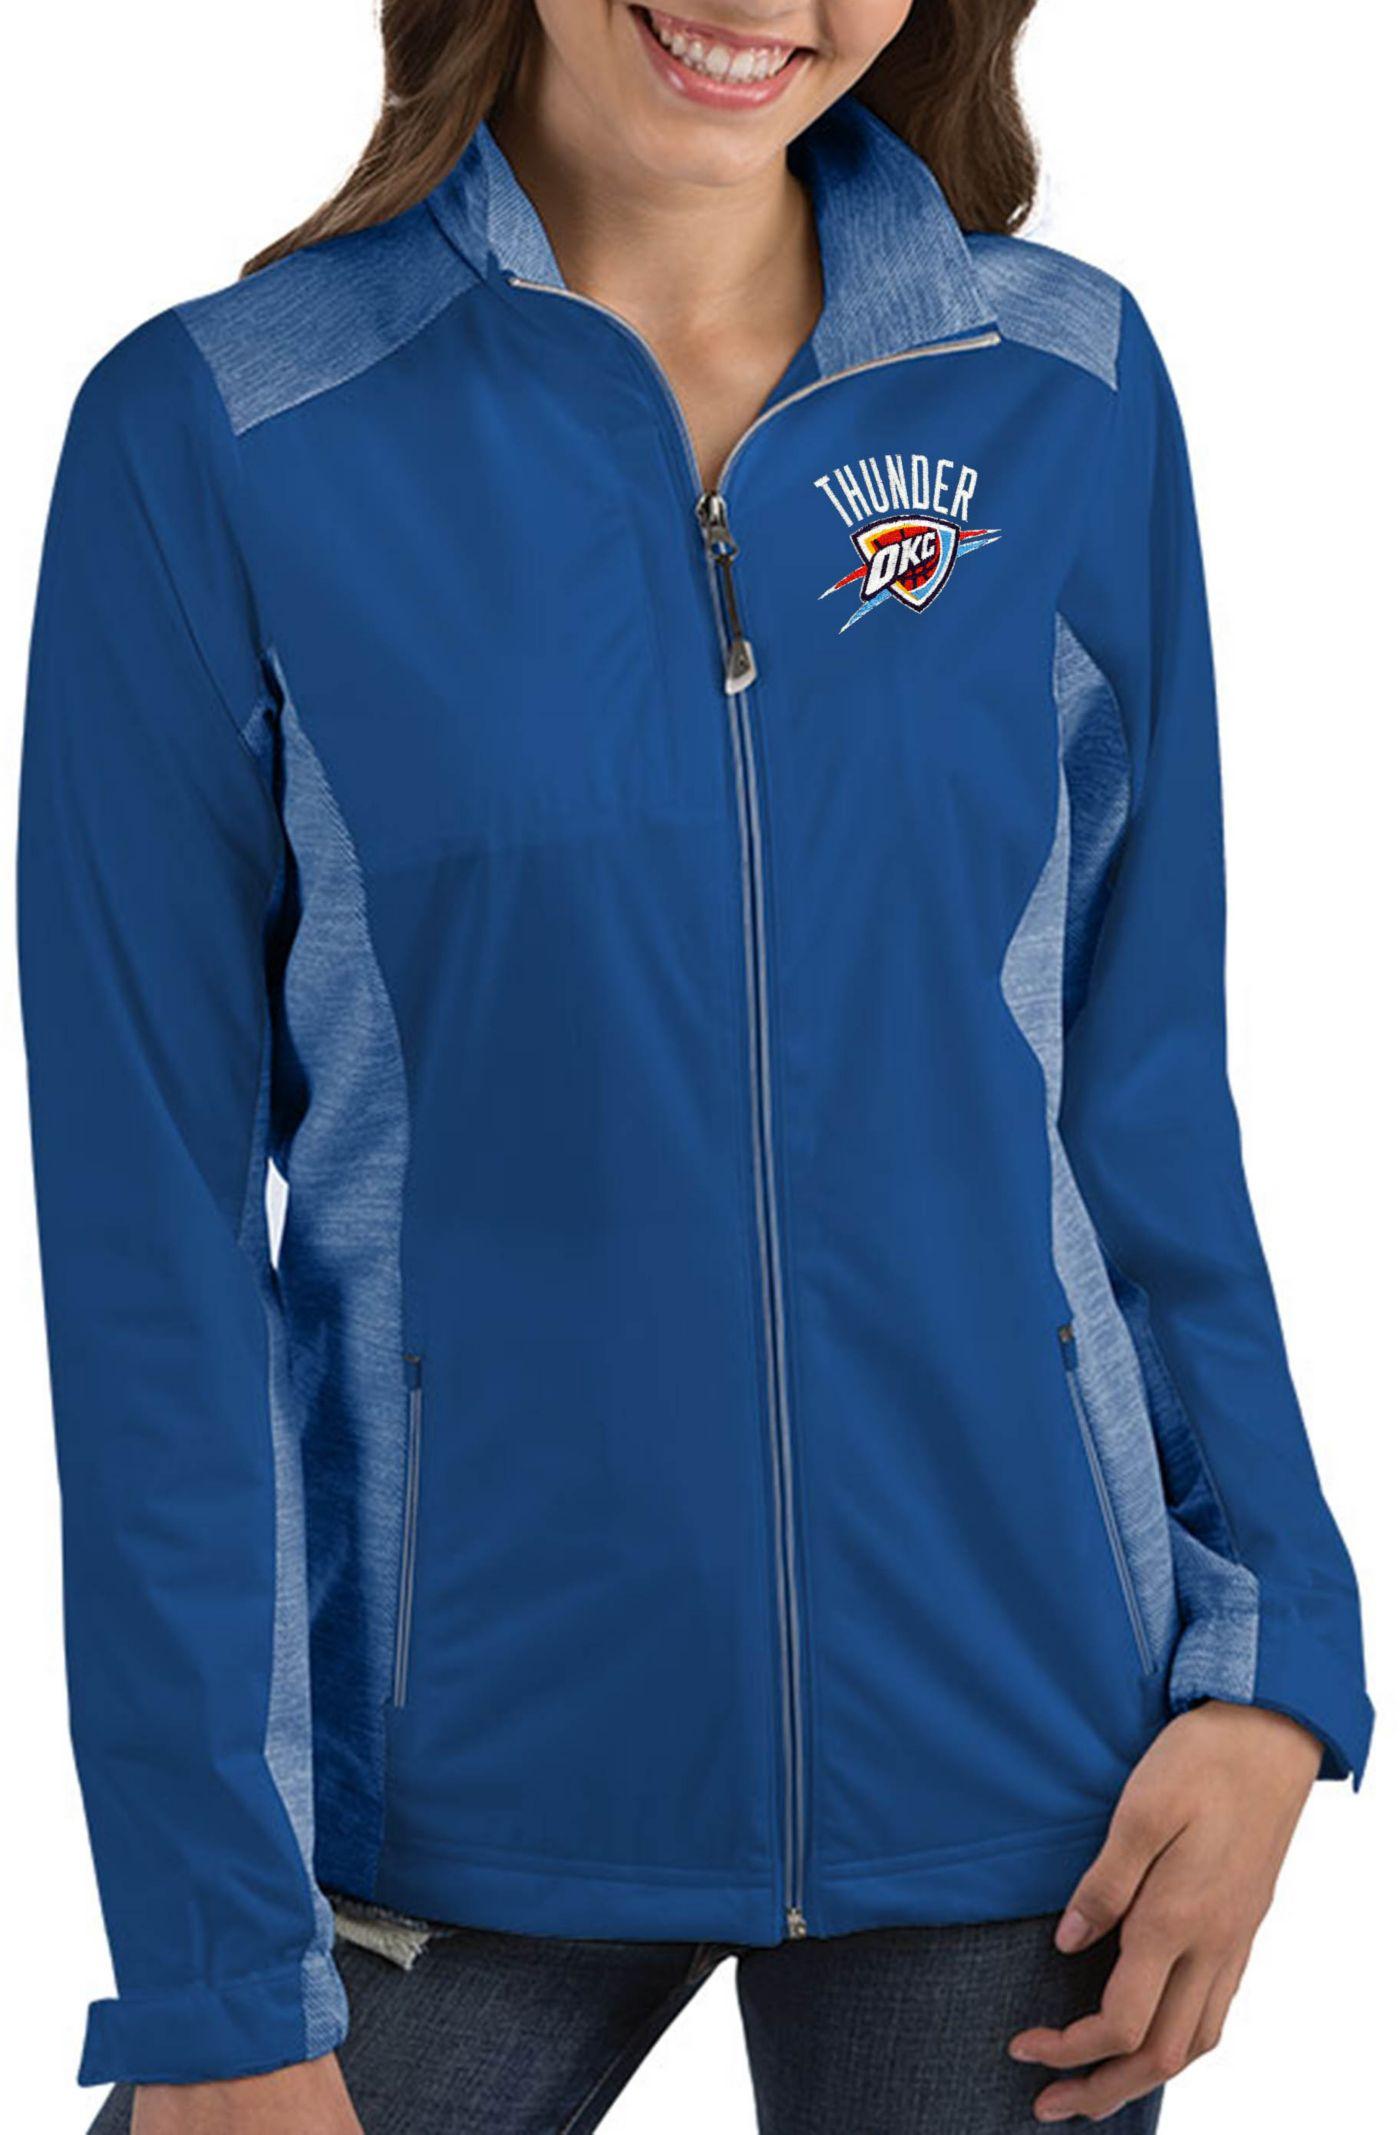 Antigua Women's Oklahoma City Thunder Revolve Full-Zip Jacket